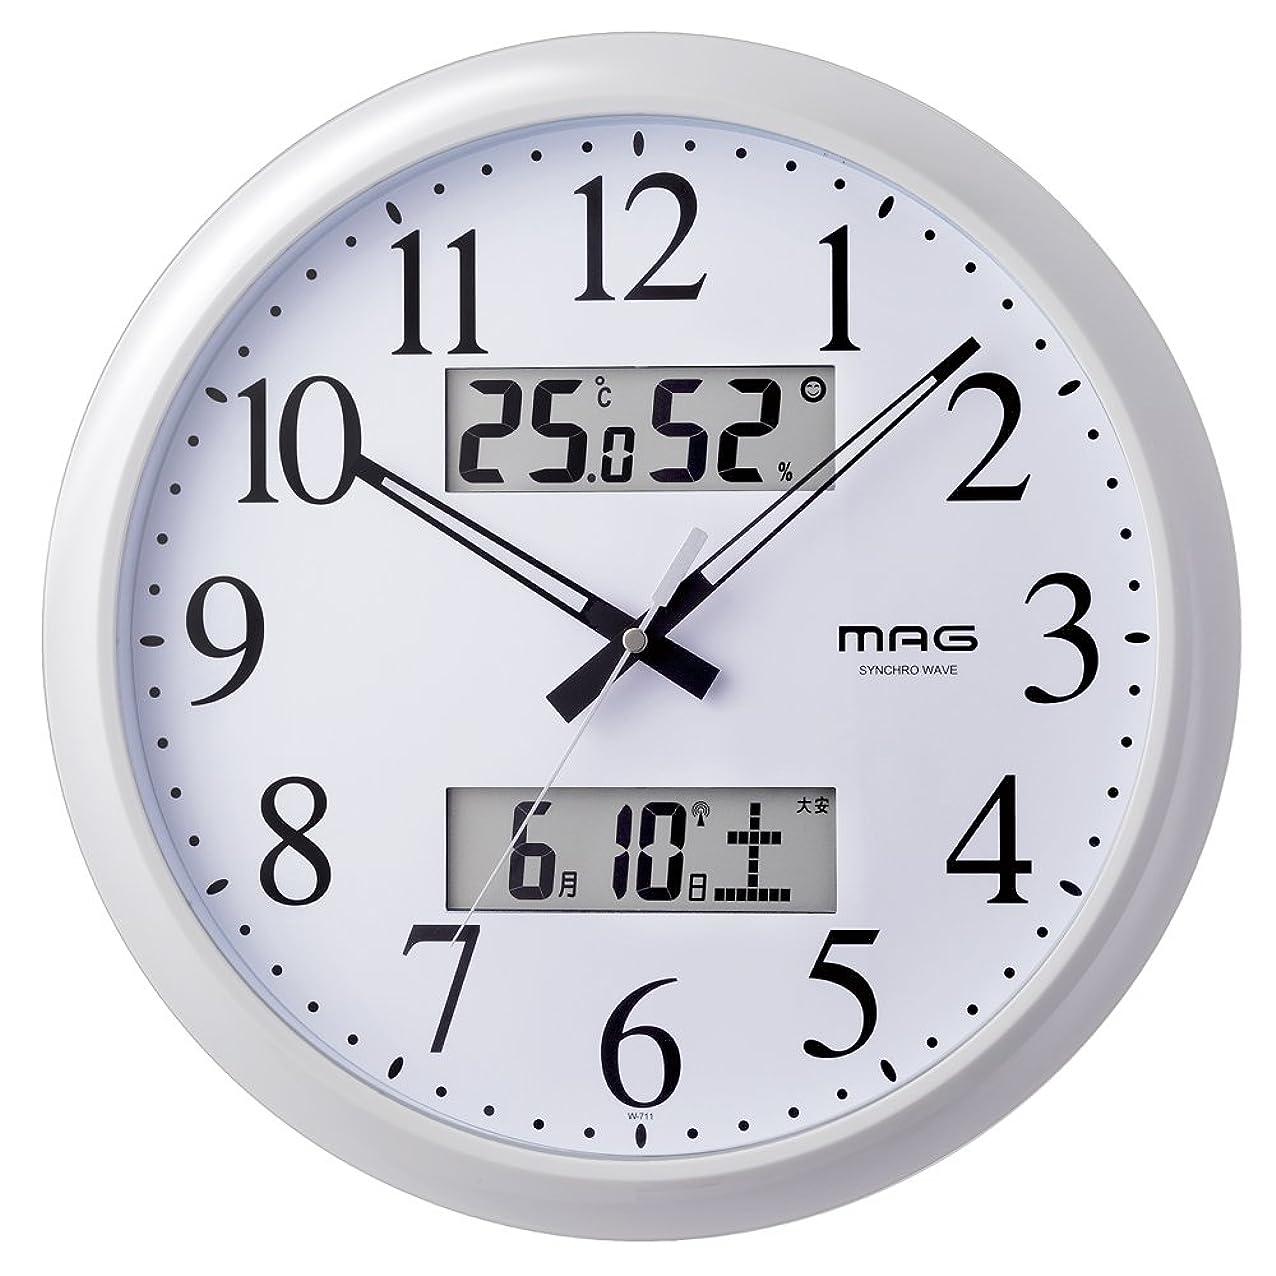 言い換えると引き渡すアーネストシャクルトンMAG(マグ) 掛け時計 電波 アナログ ダブルリンク 直径33.8cm 環境目安 六曜 温度 湿度 カレンダー表示 ホワイト W-711WH